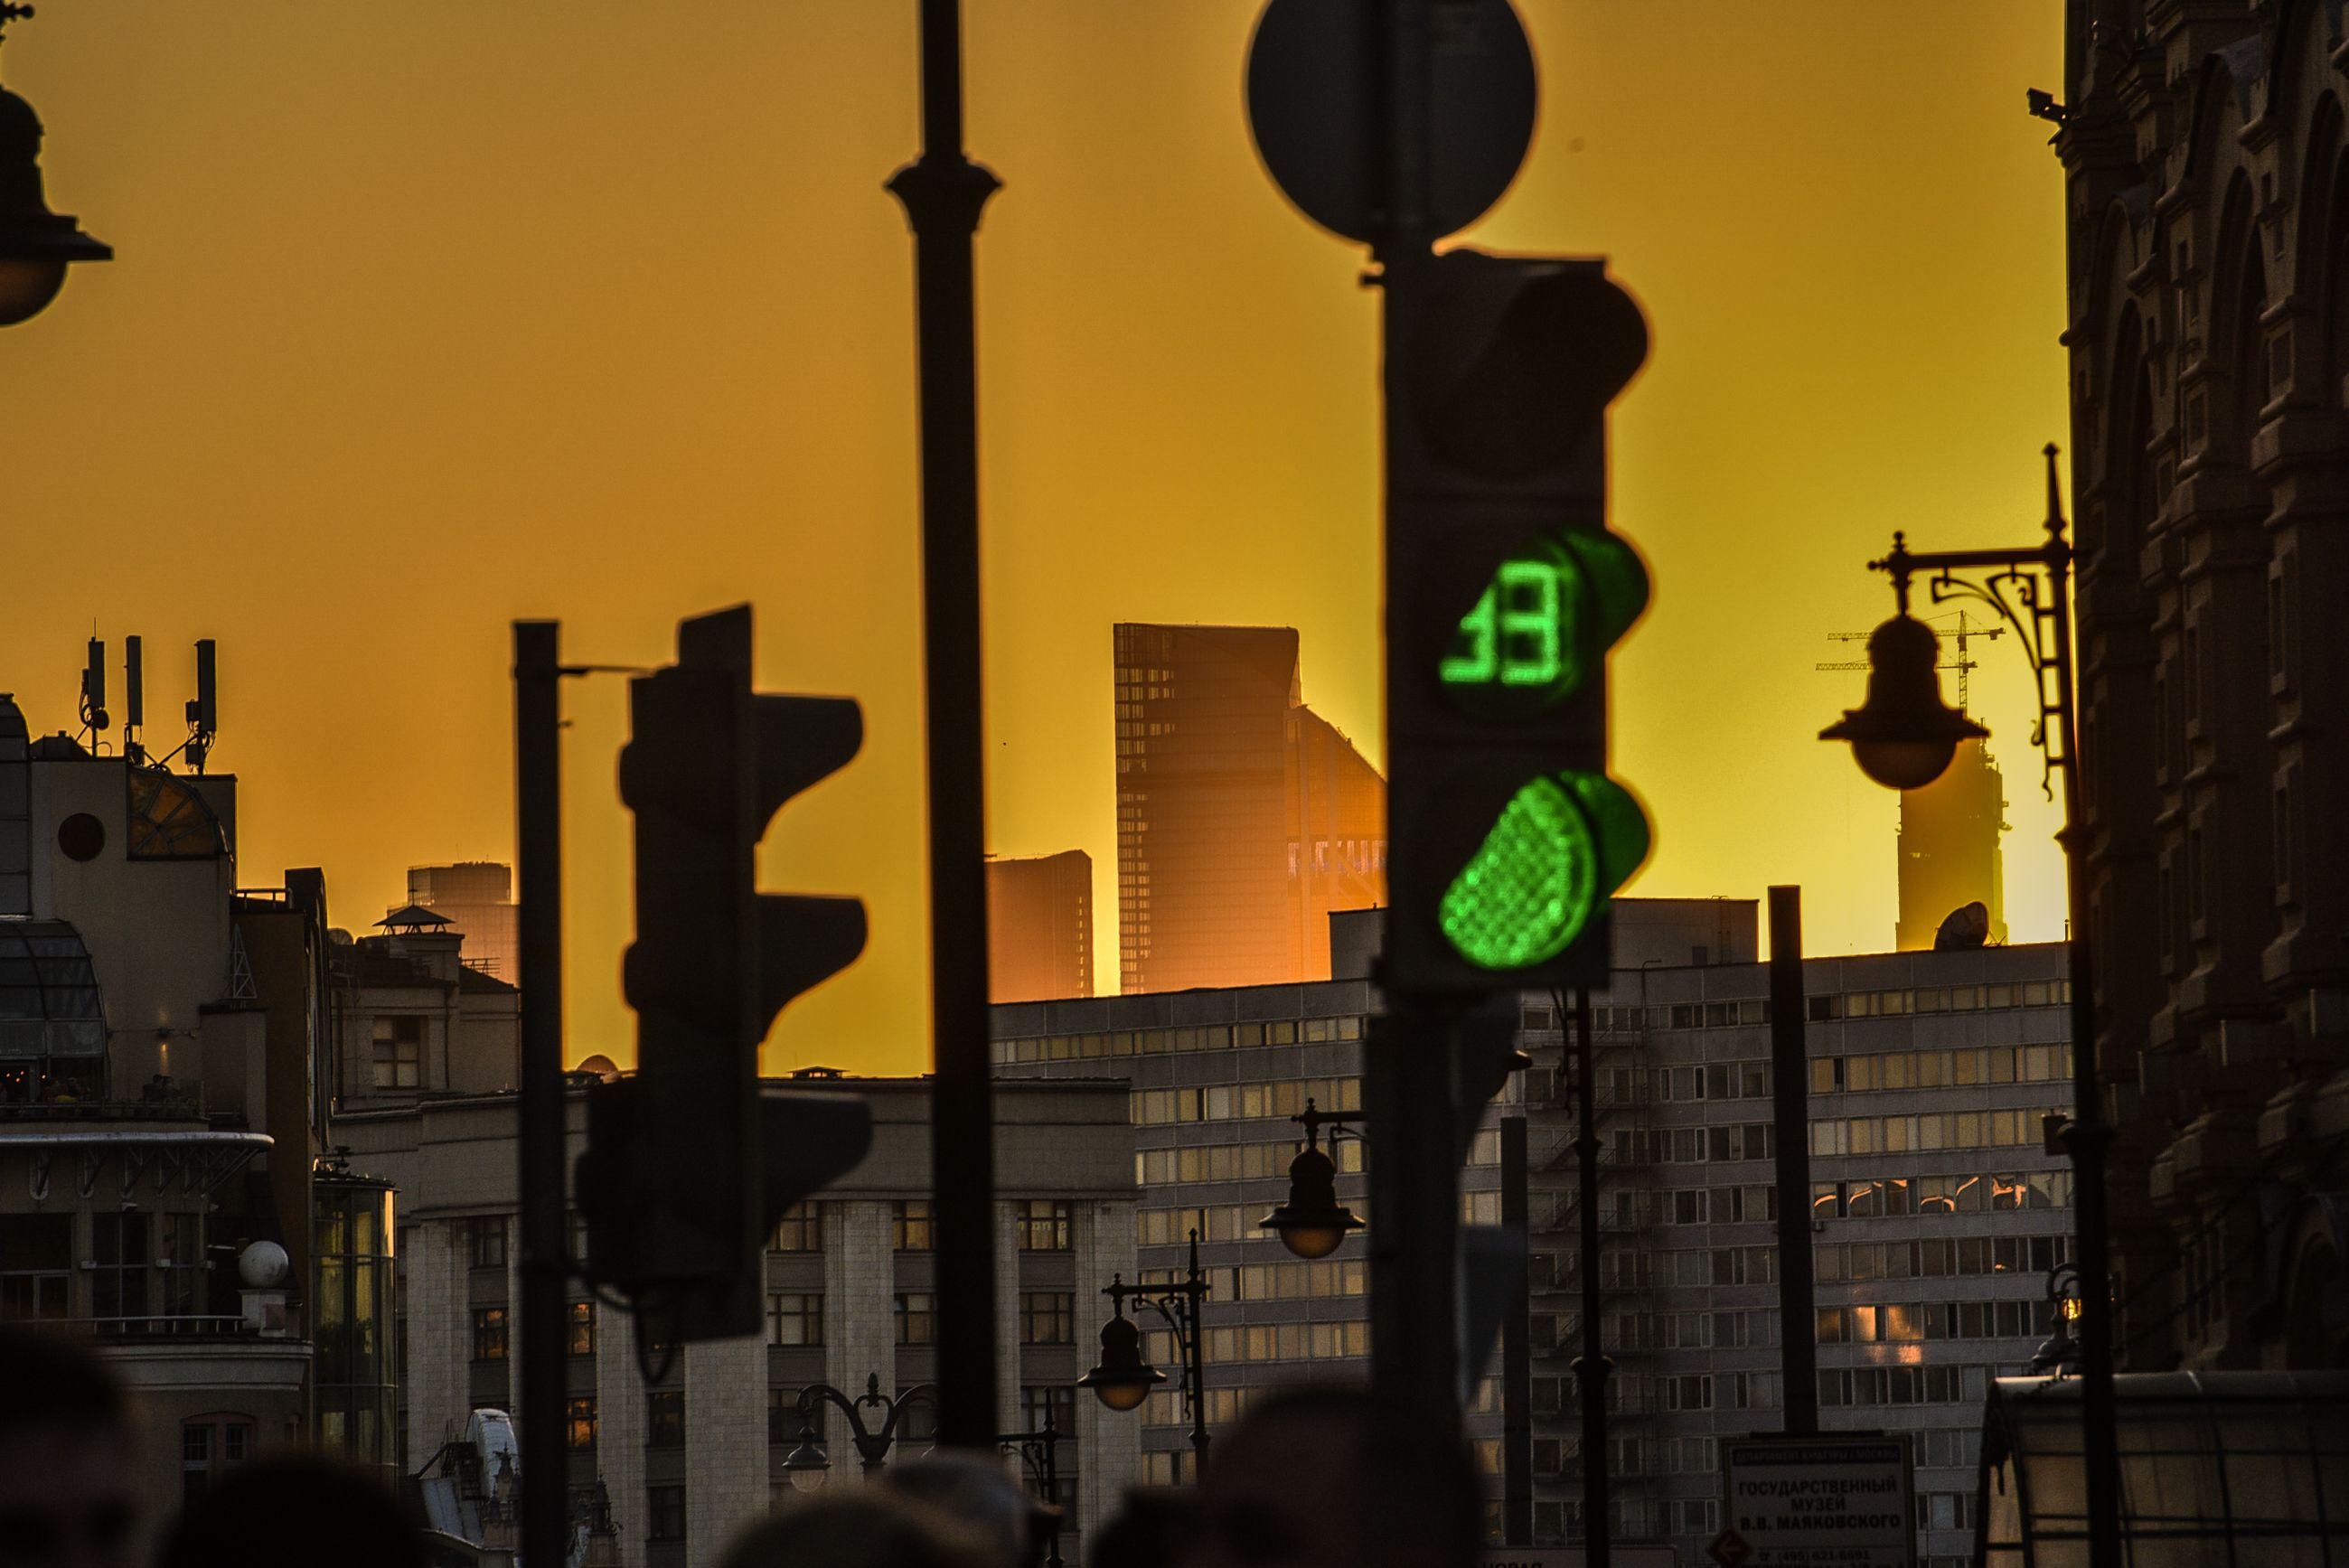 Москва «ударит светофорами» по аварийно опасным участкам